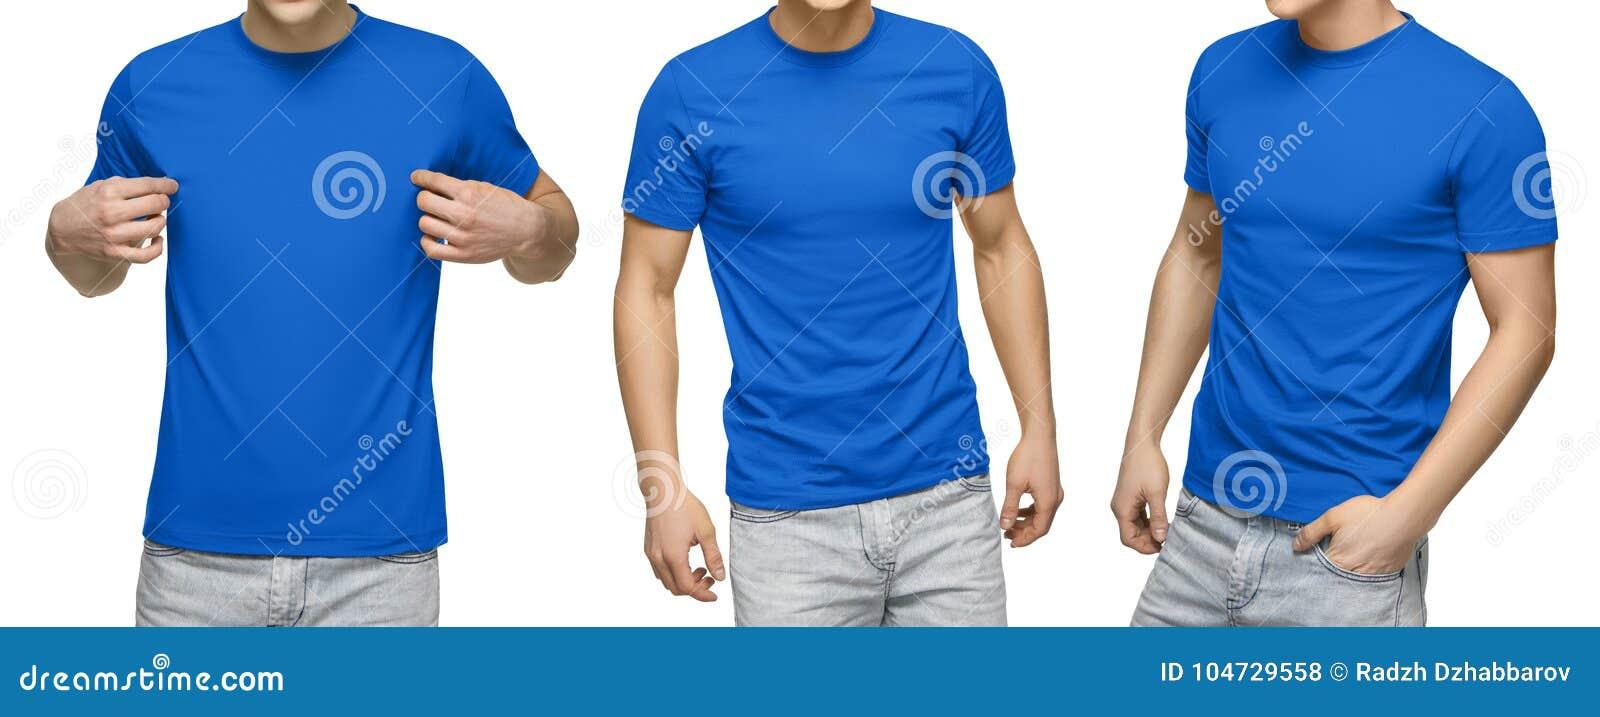 El varón joven en la camiseta azul en blanco, frente y visión trasera, aisló el fondo blanco Diseñe la plantilla y la maqueta de